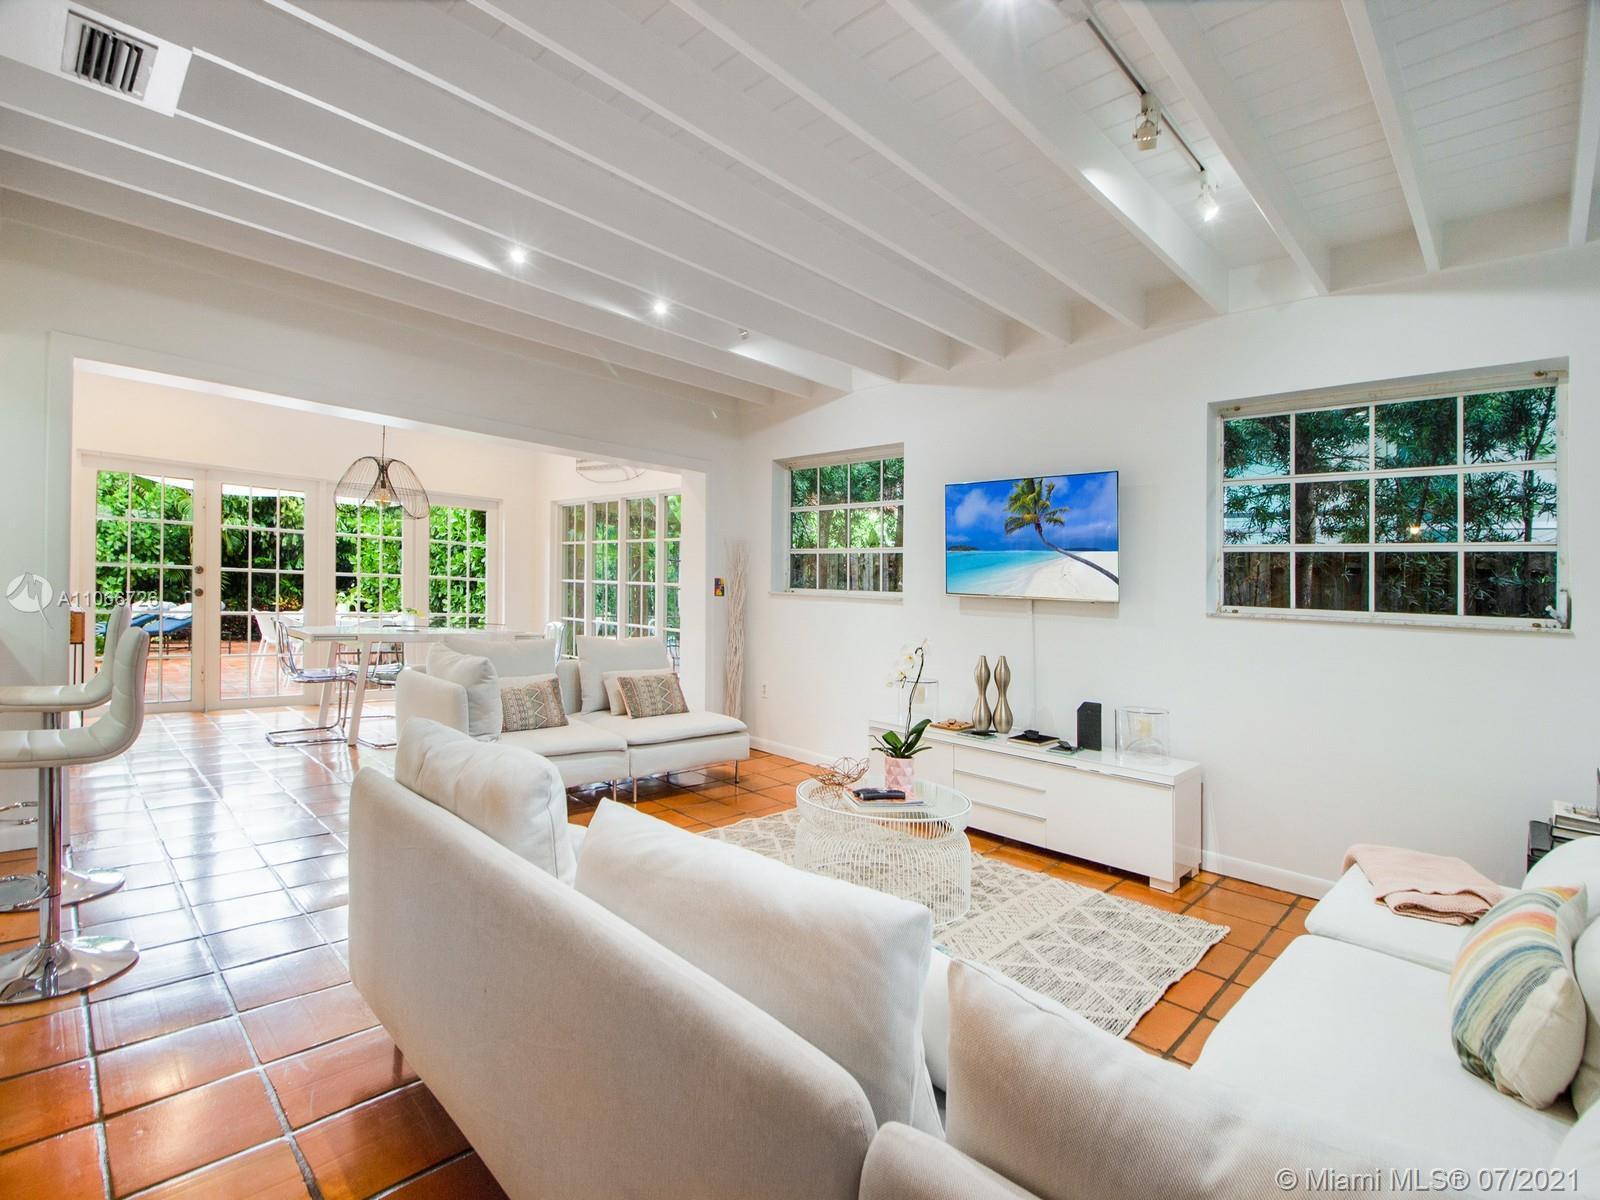 Tropical Isle Homes # - 04 - photo